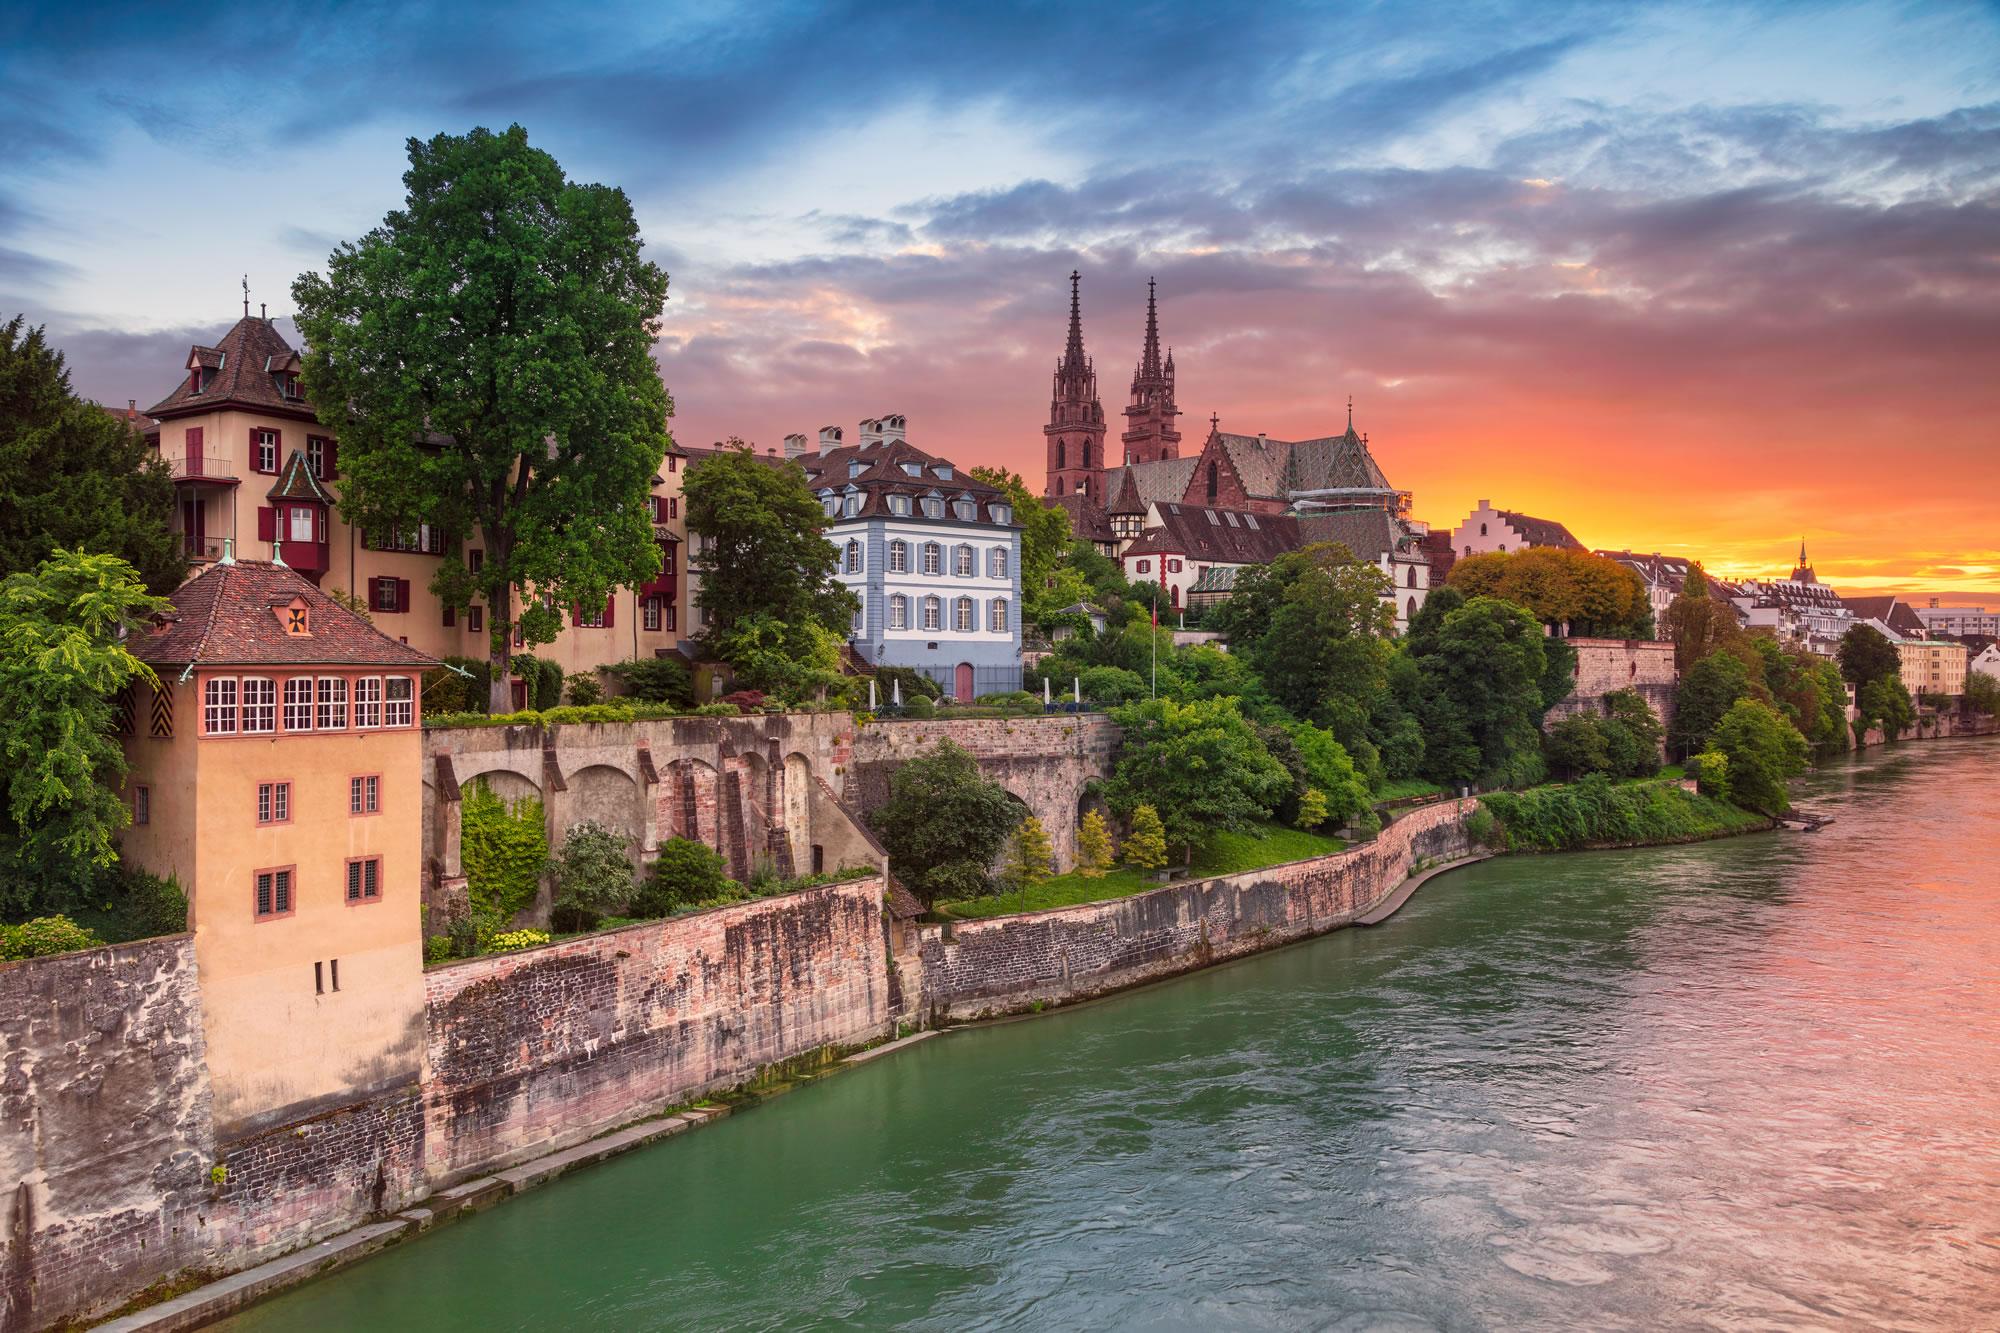 Cityscape Image of Basel, Switzerland